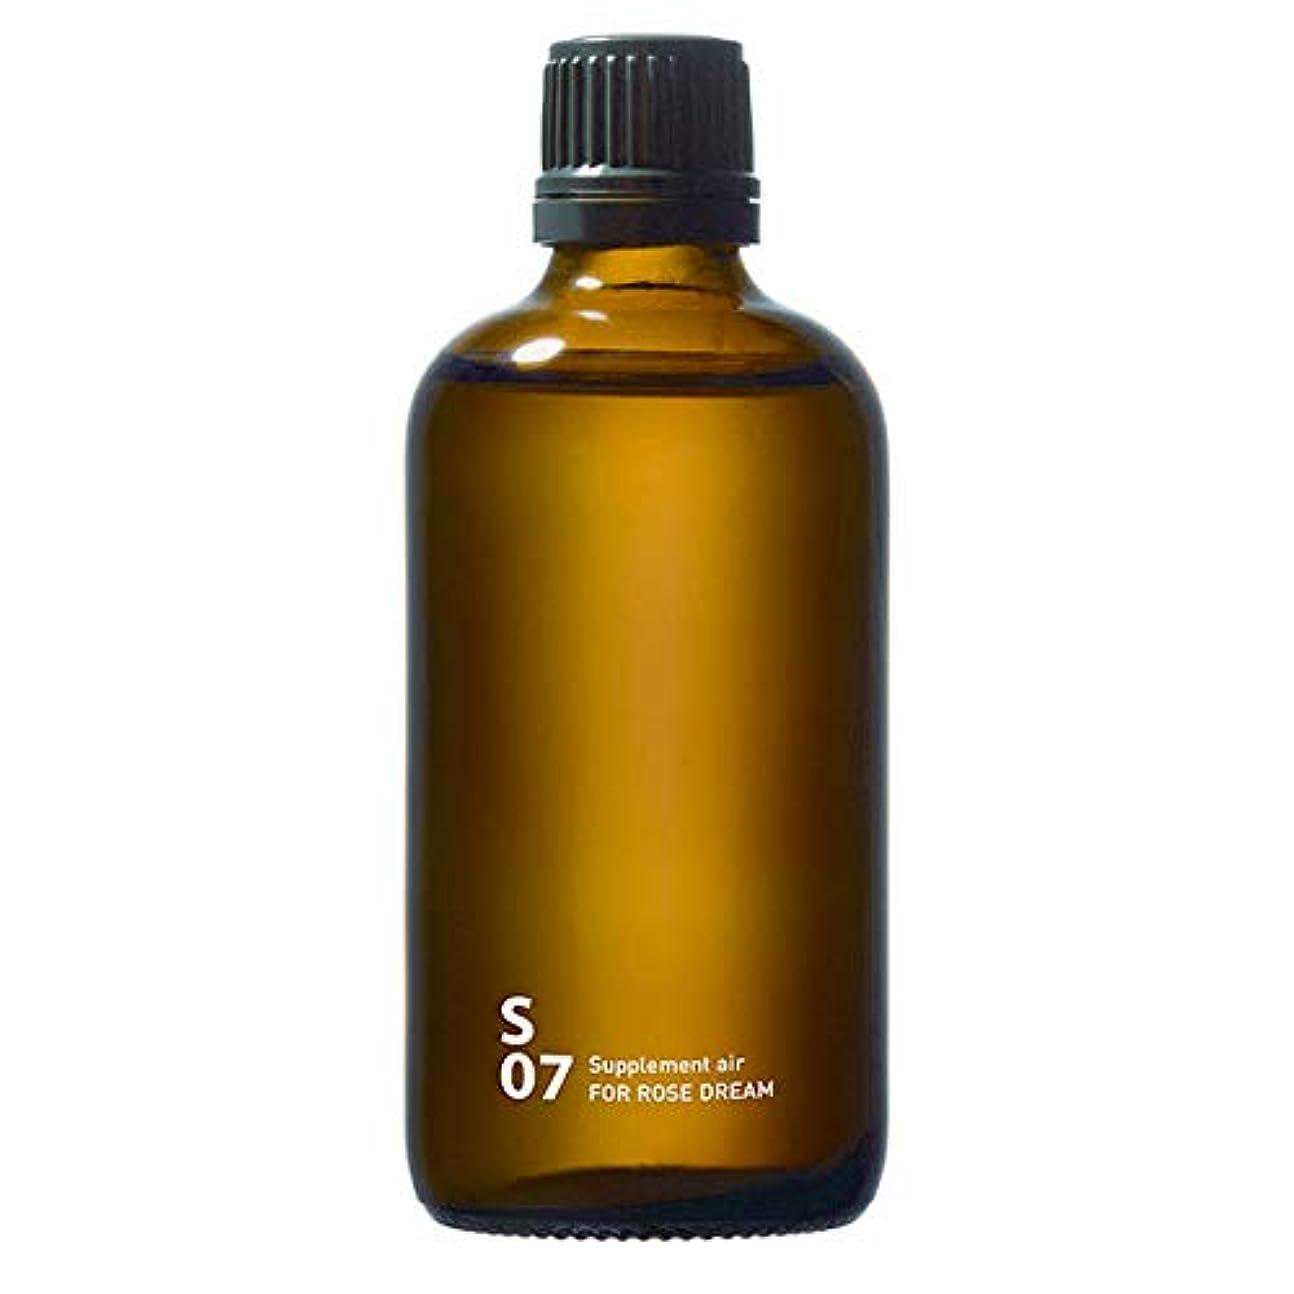 復活分解する爆発するS07 FOR ROSE DREAM piezo aroma oil 100ml